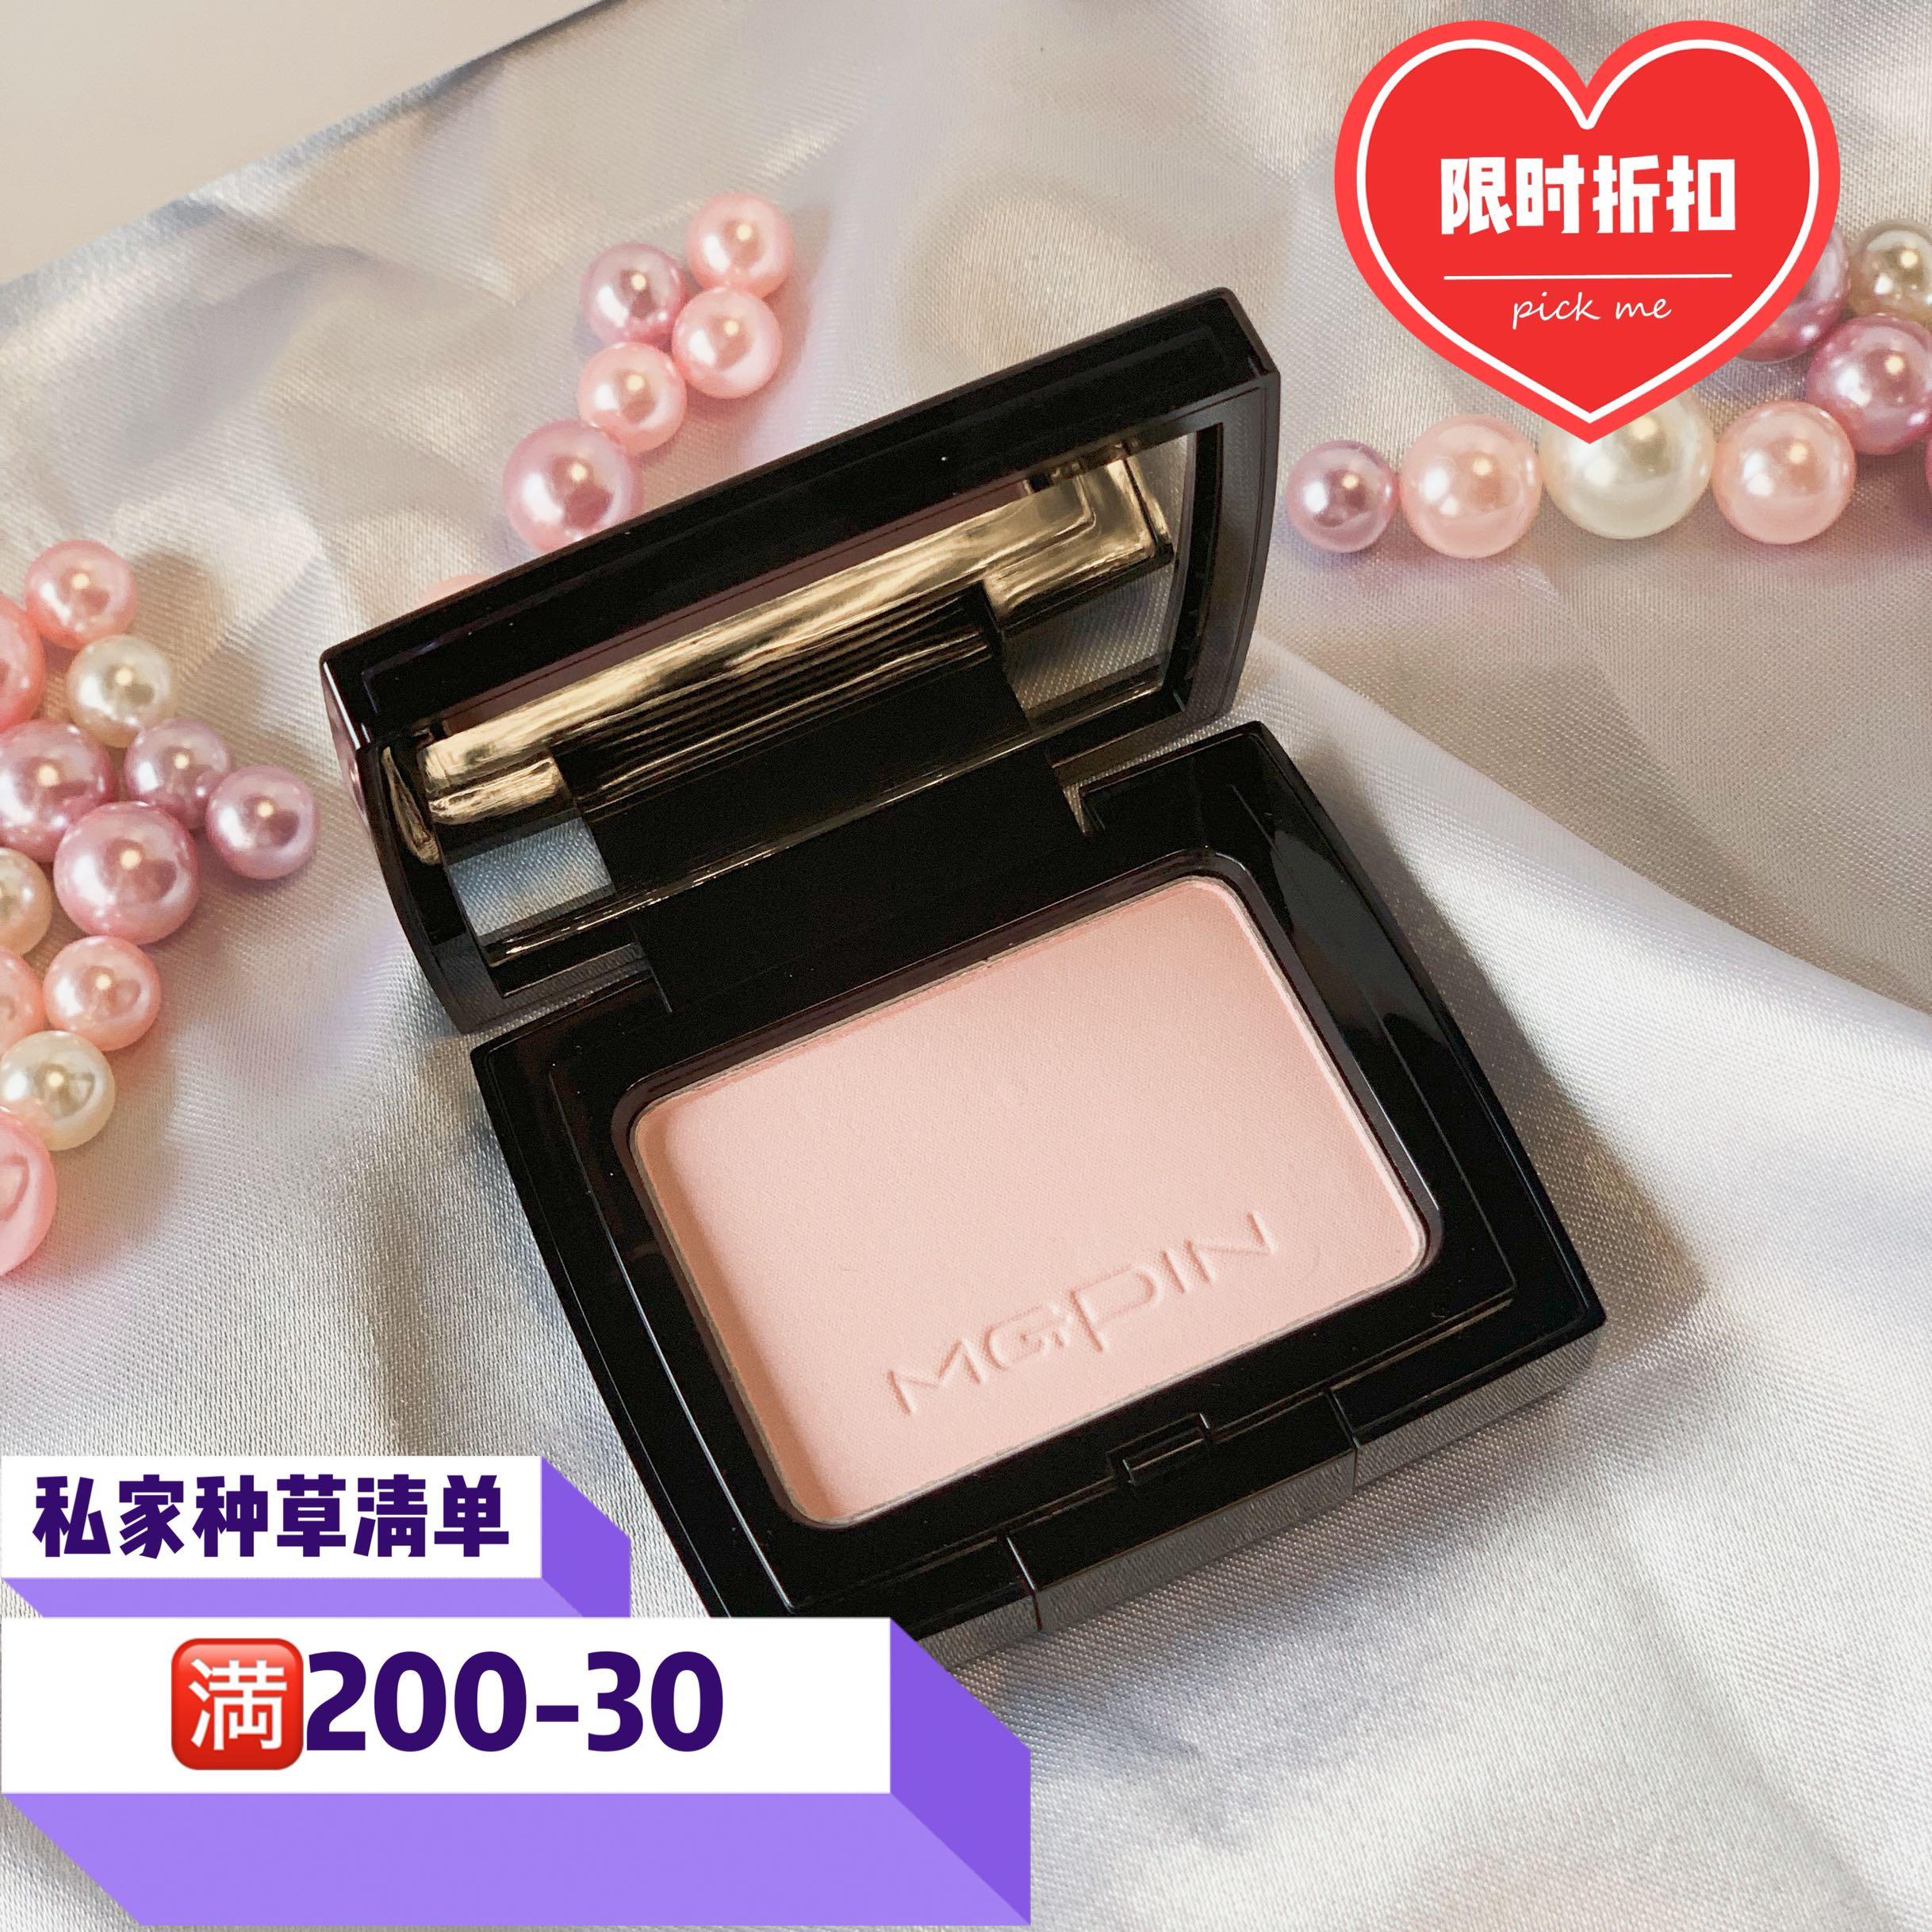 毛戈平彩妆正品MAOGEPING光感嫣然腮红15号婴儿粉 网红粉嫩高光肌